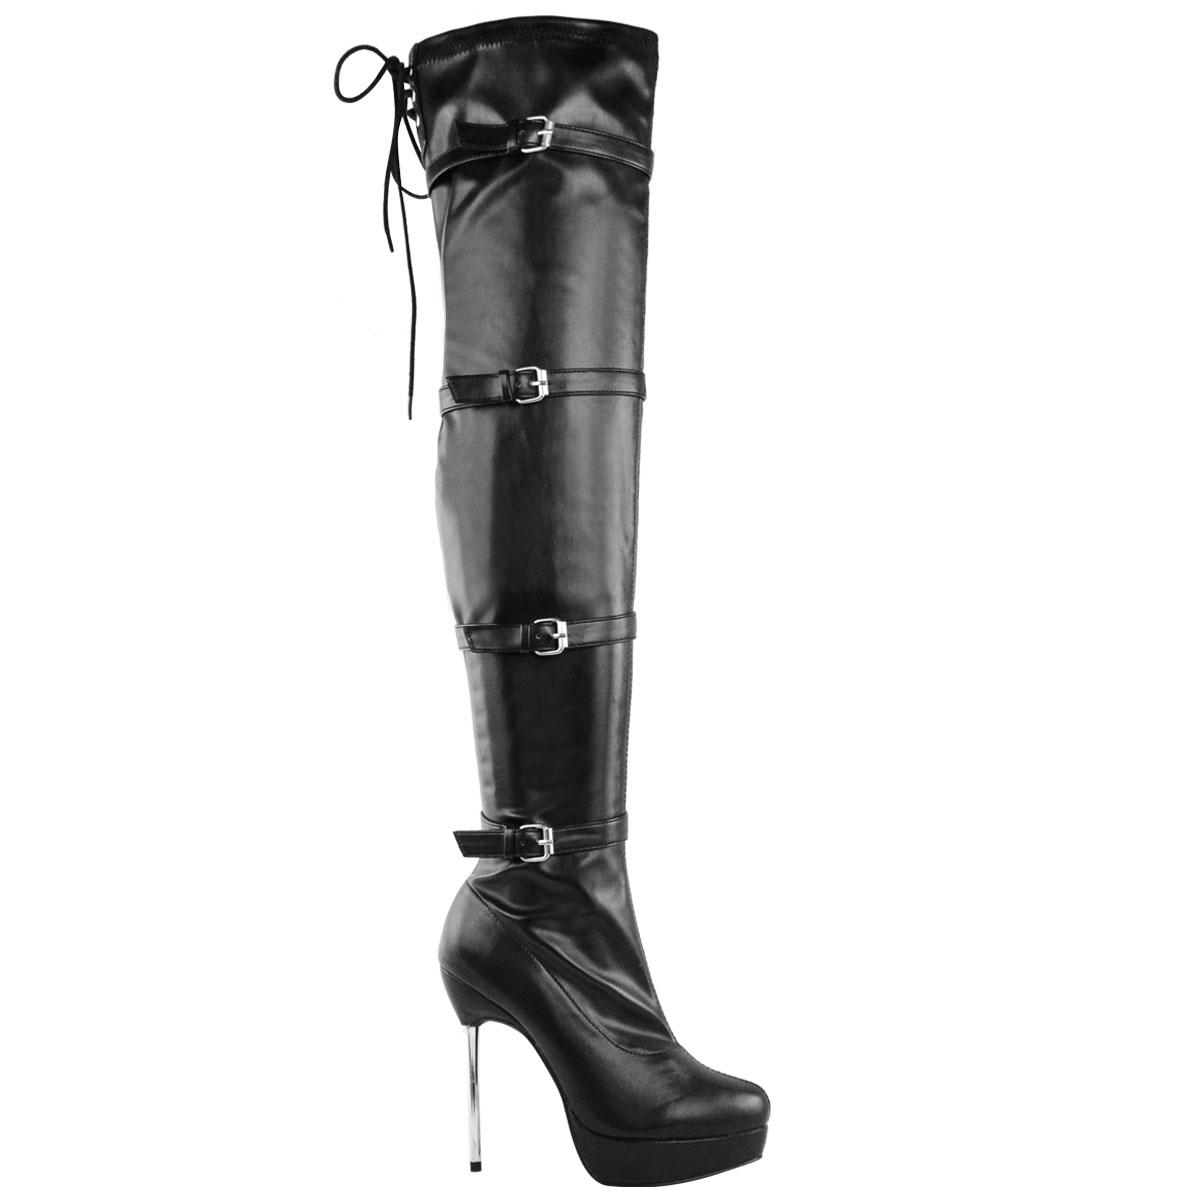 femme a la cuisse cuissardes plateforme talon aiguille bottes chaussures taille ebay. Black Bedroom Furniture Sets. Home Design Ideas